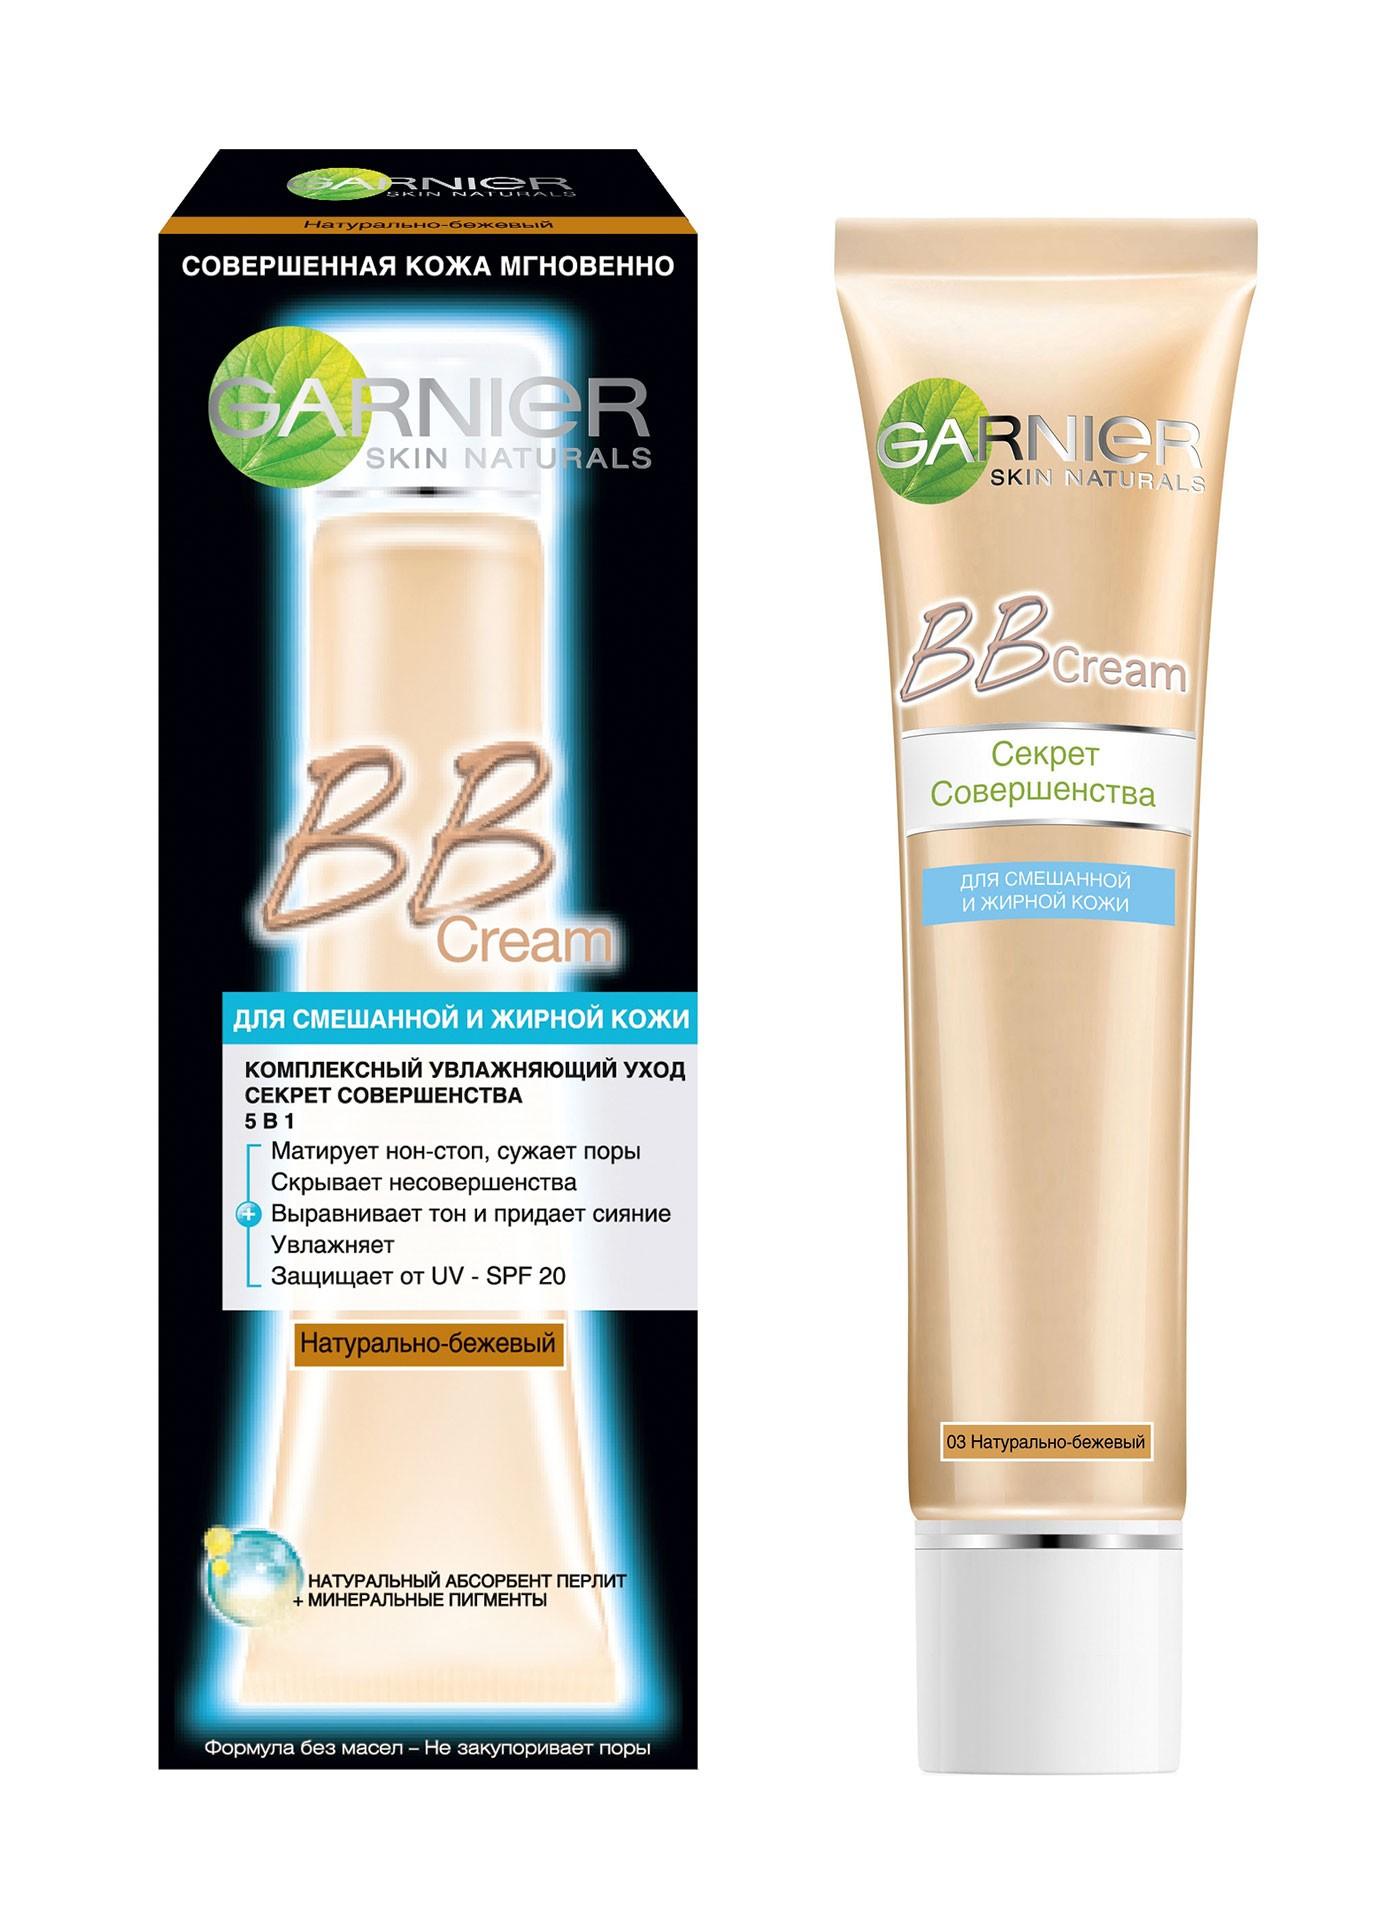 Garnier Bb Cream Секрет совершенства Крем для смешанной и жирной кожи